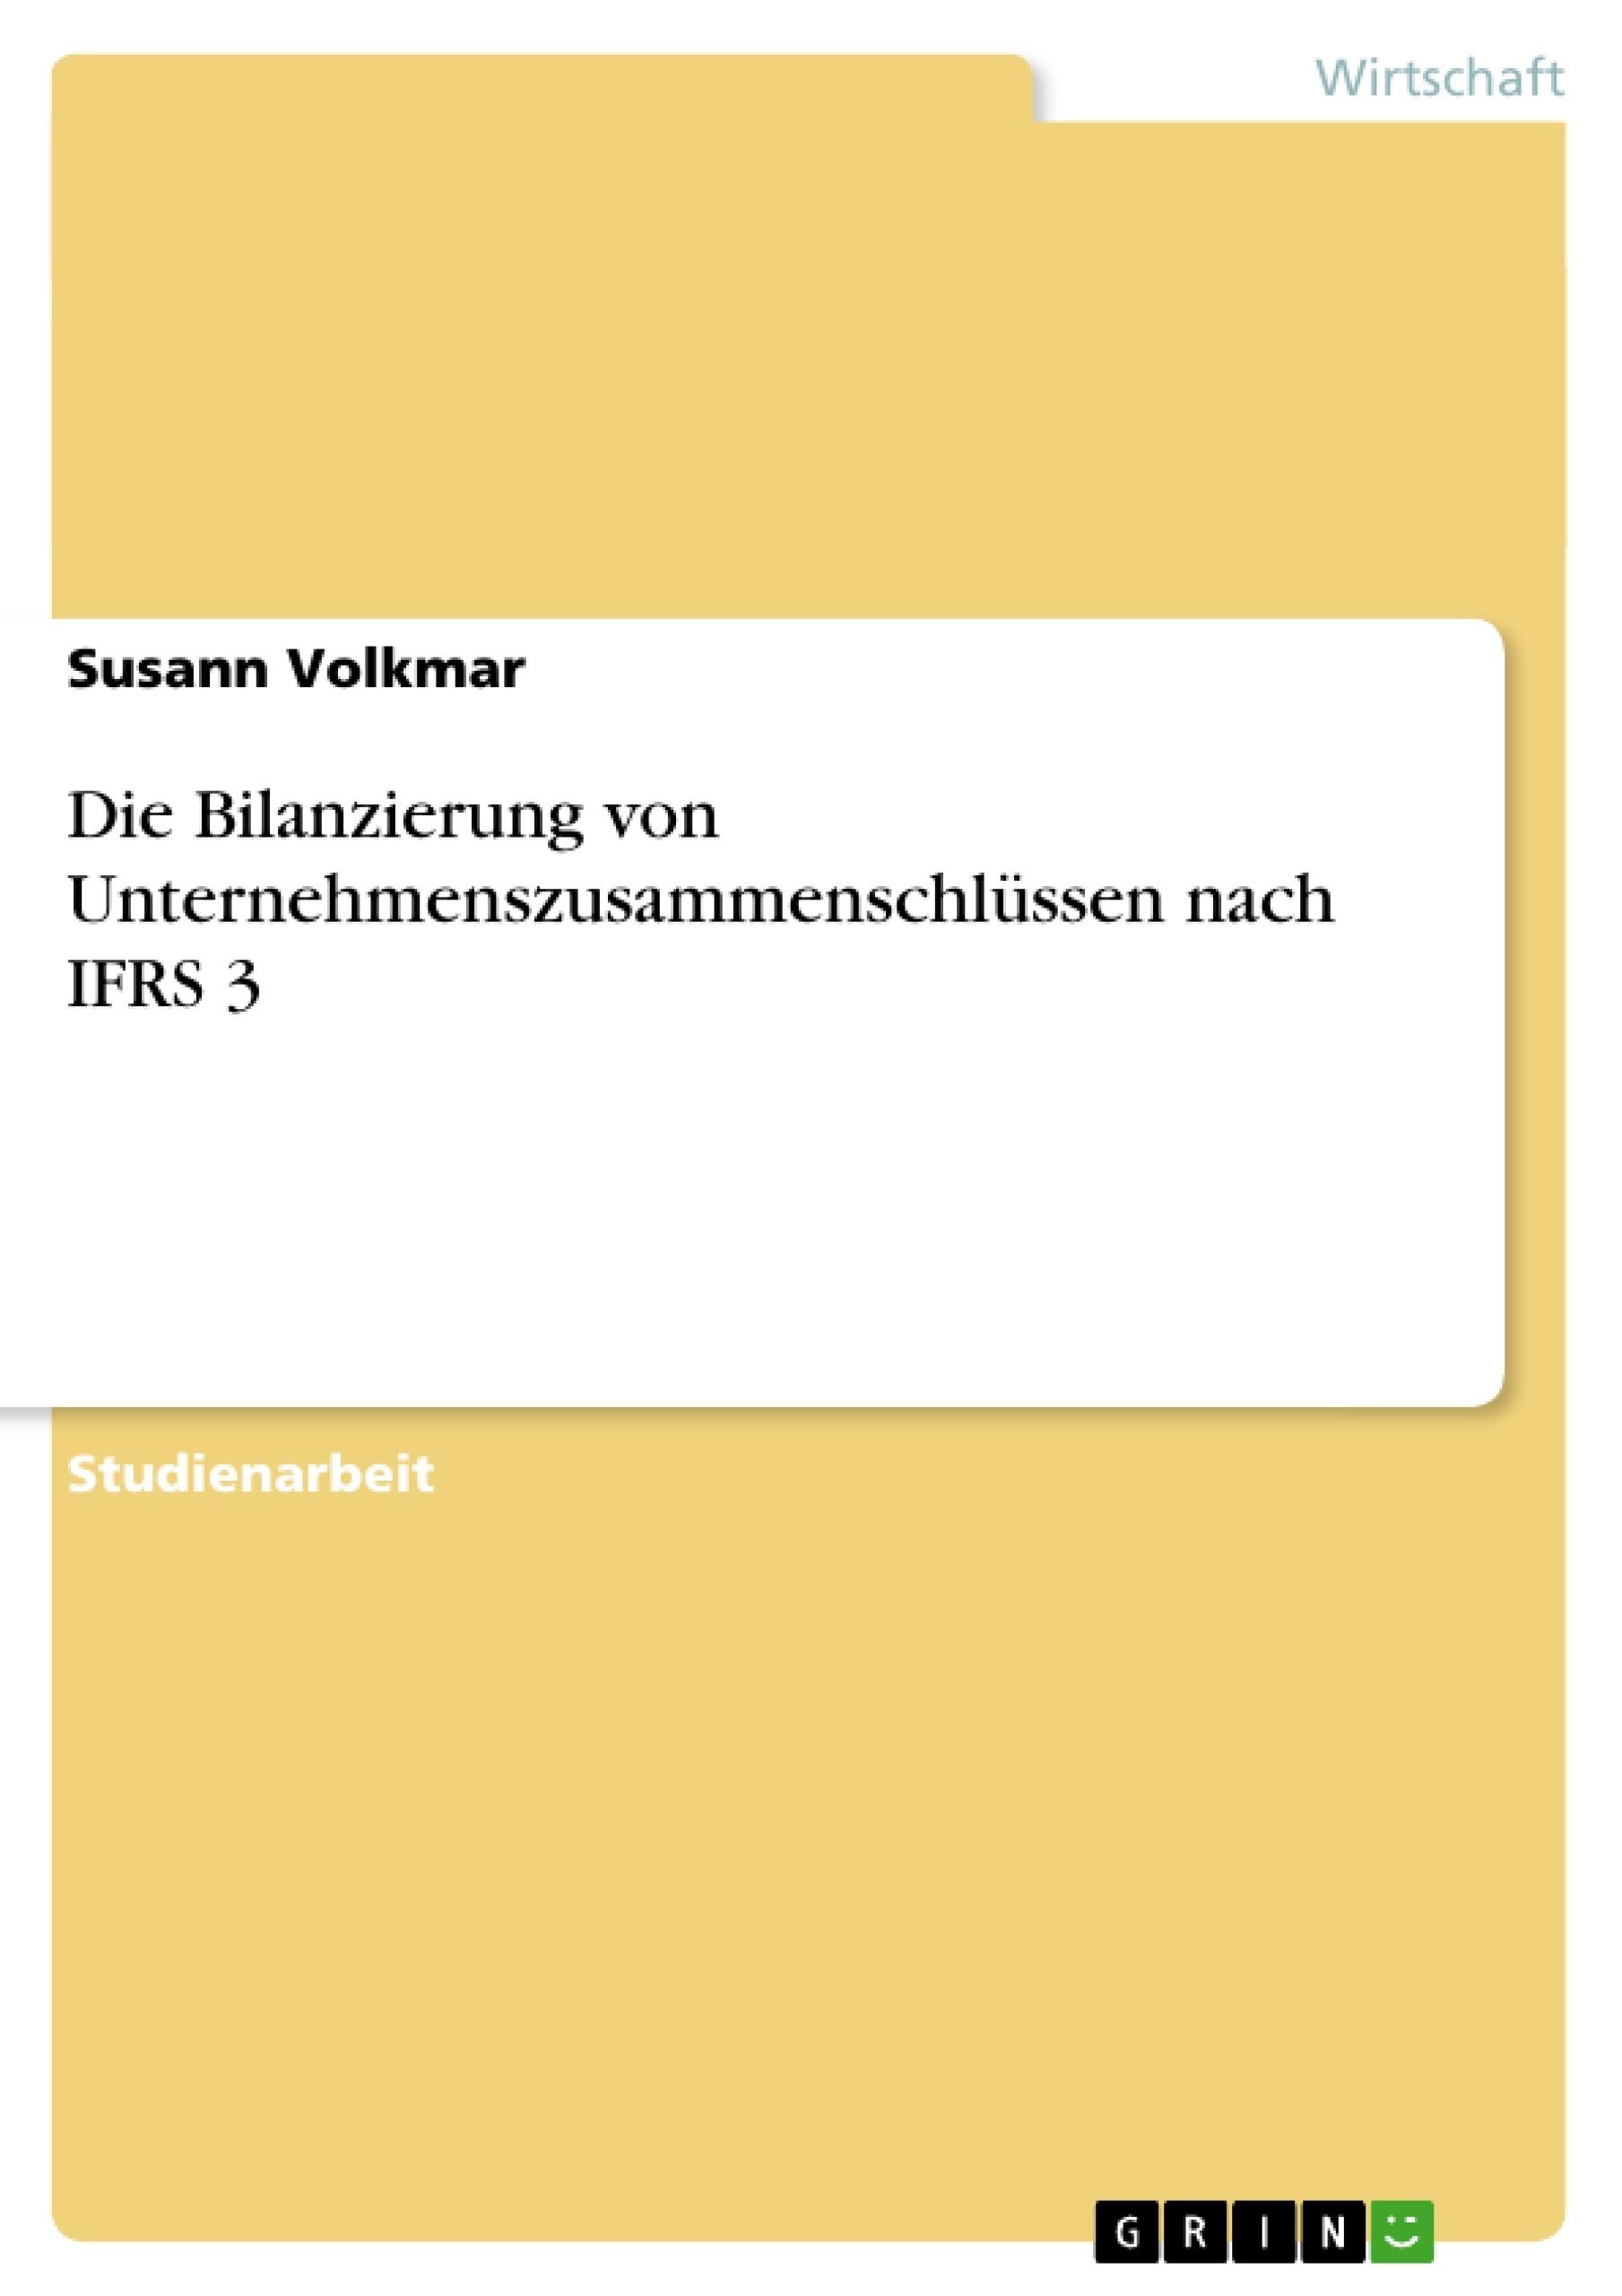 Titel: Die Bilanzierung von Unternehmenszusammenschlüssen nach IFRS 3